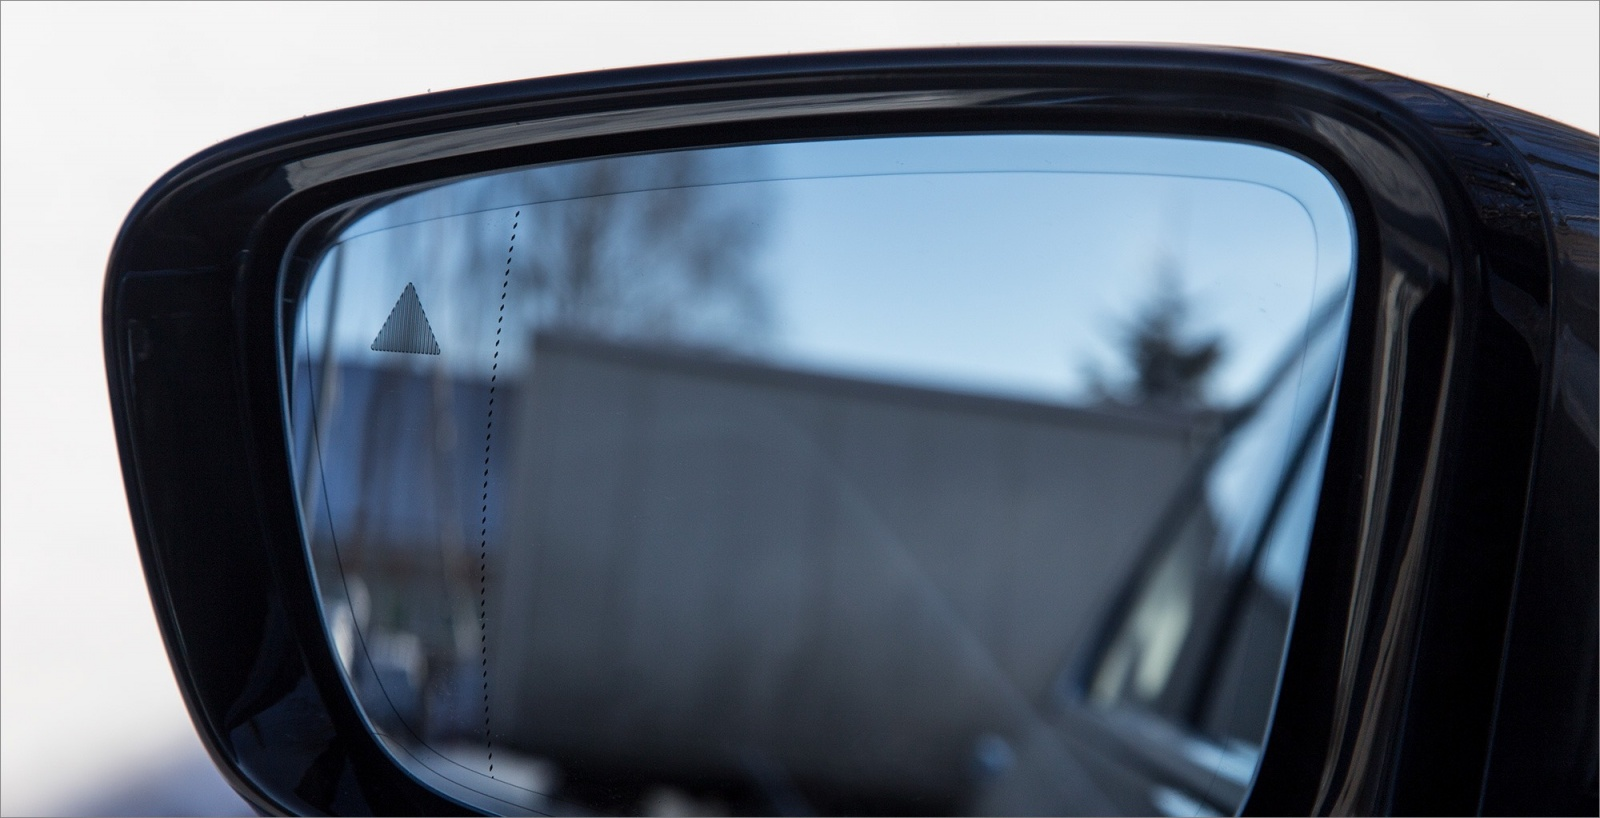 Интересные фишки BMW 7 серии - 26